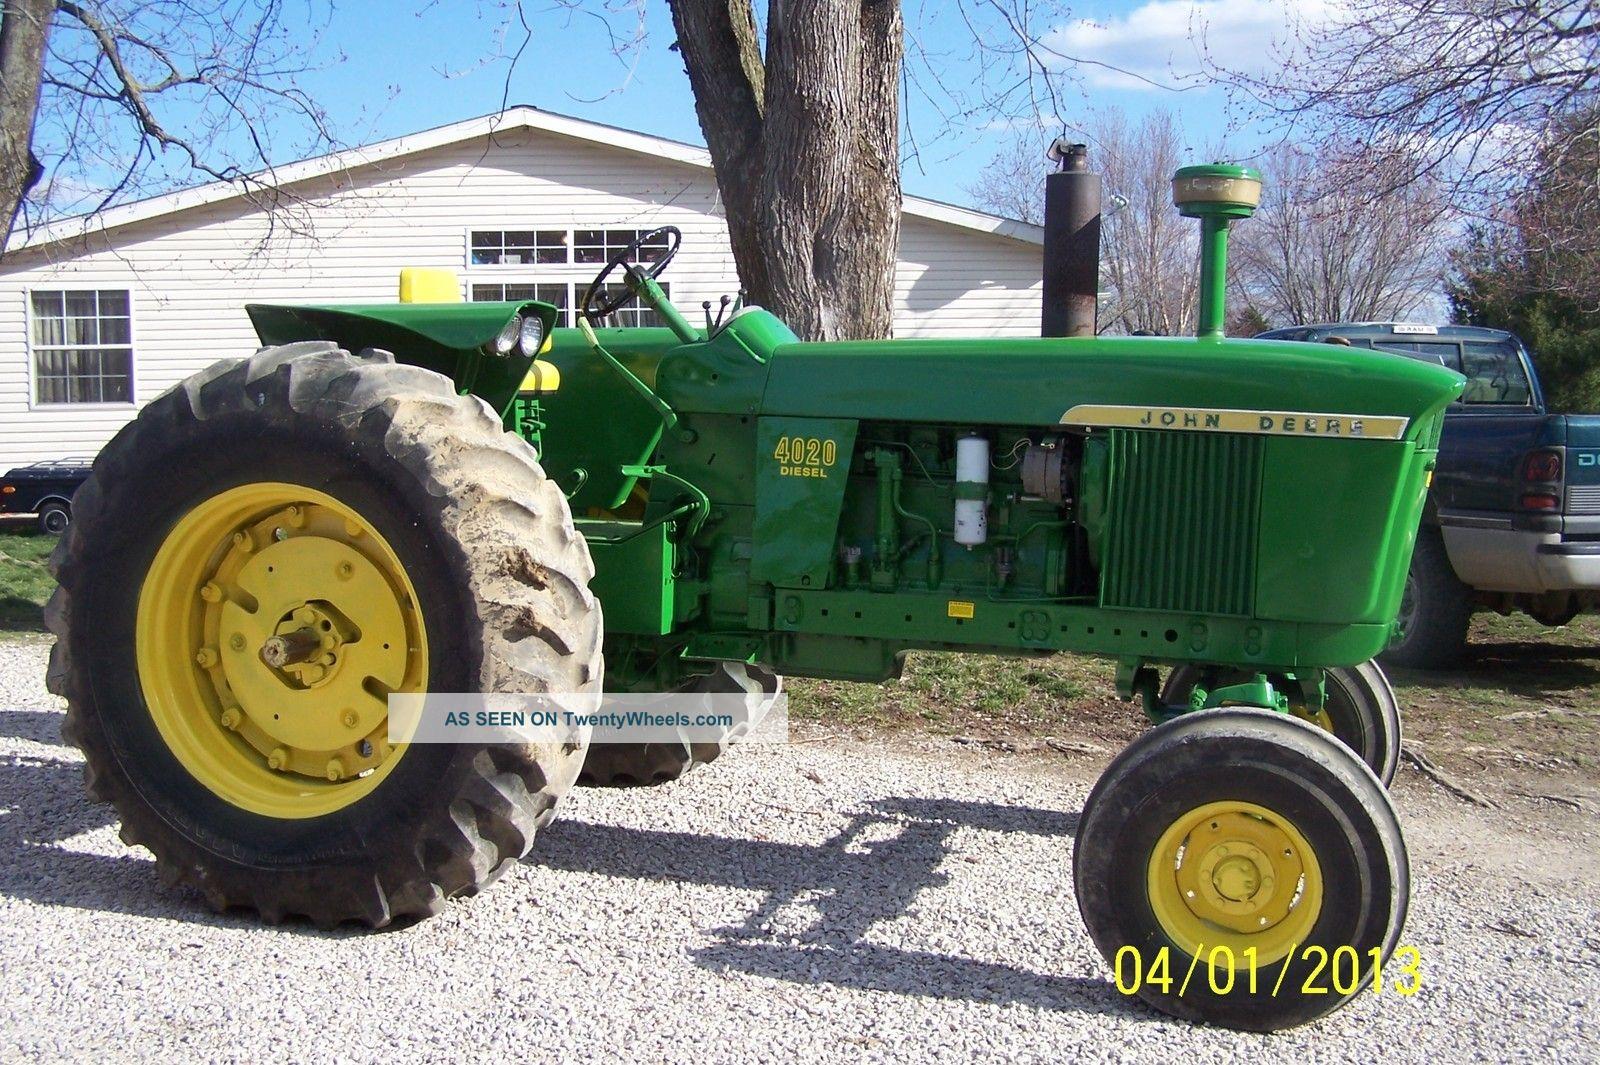 John Deere 4020 Diesel Tractor Tractors photo